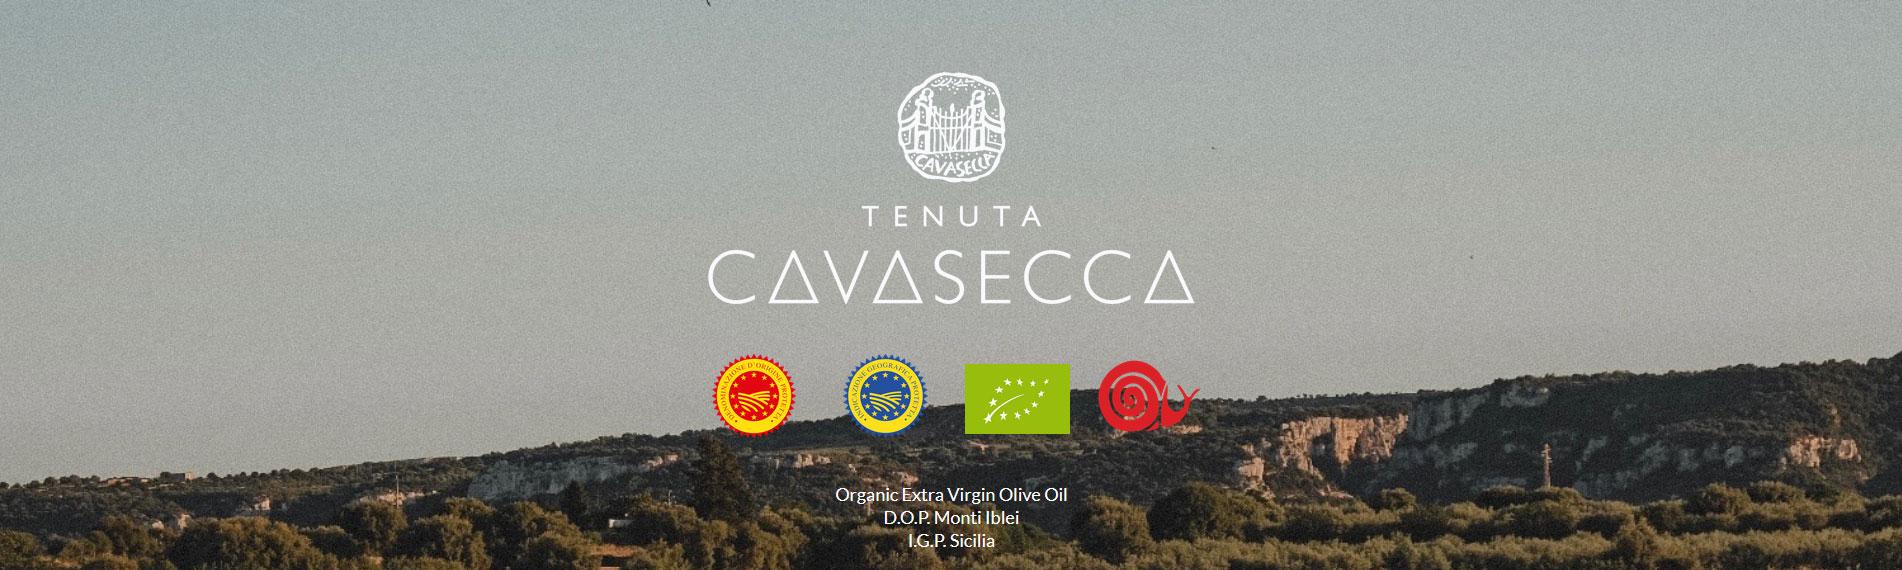 Tenuta Cavasecca